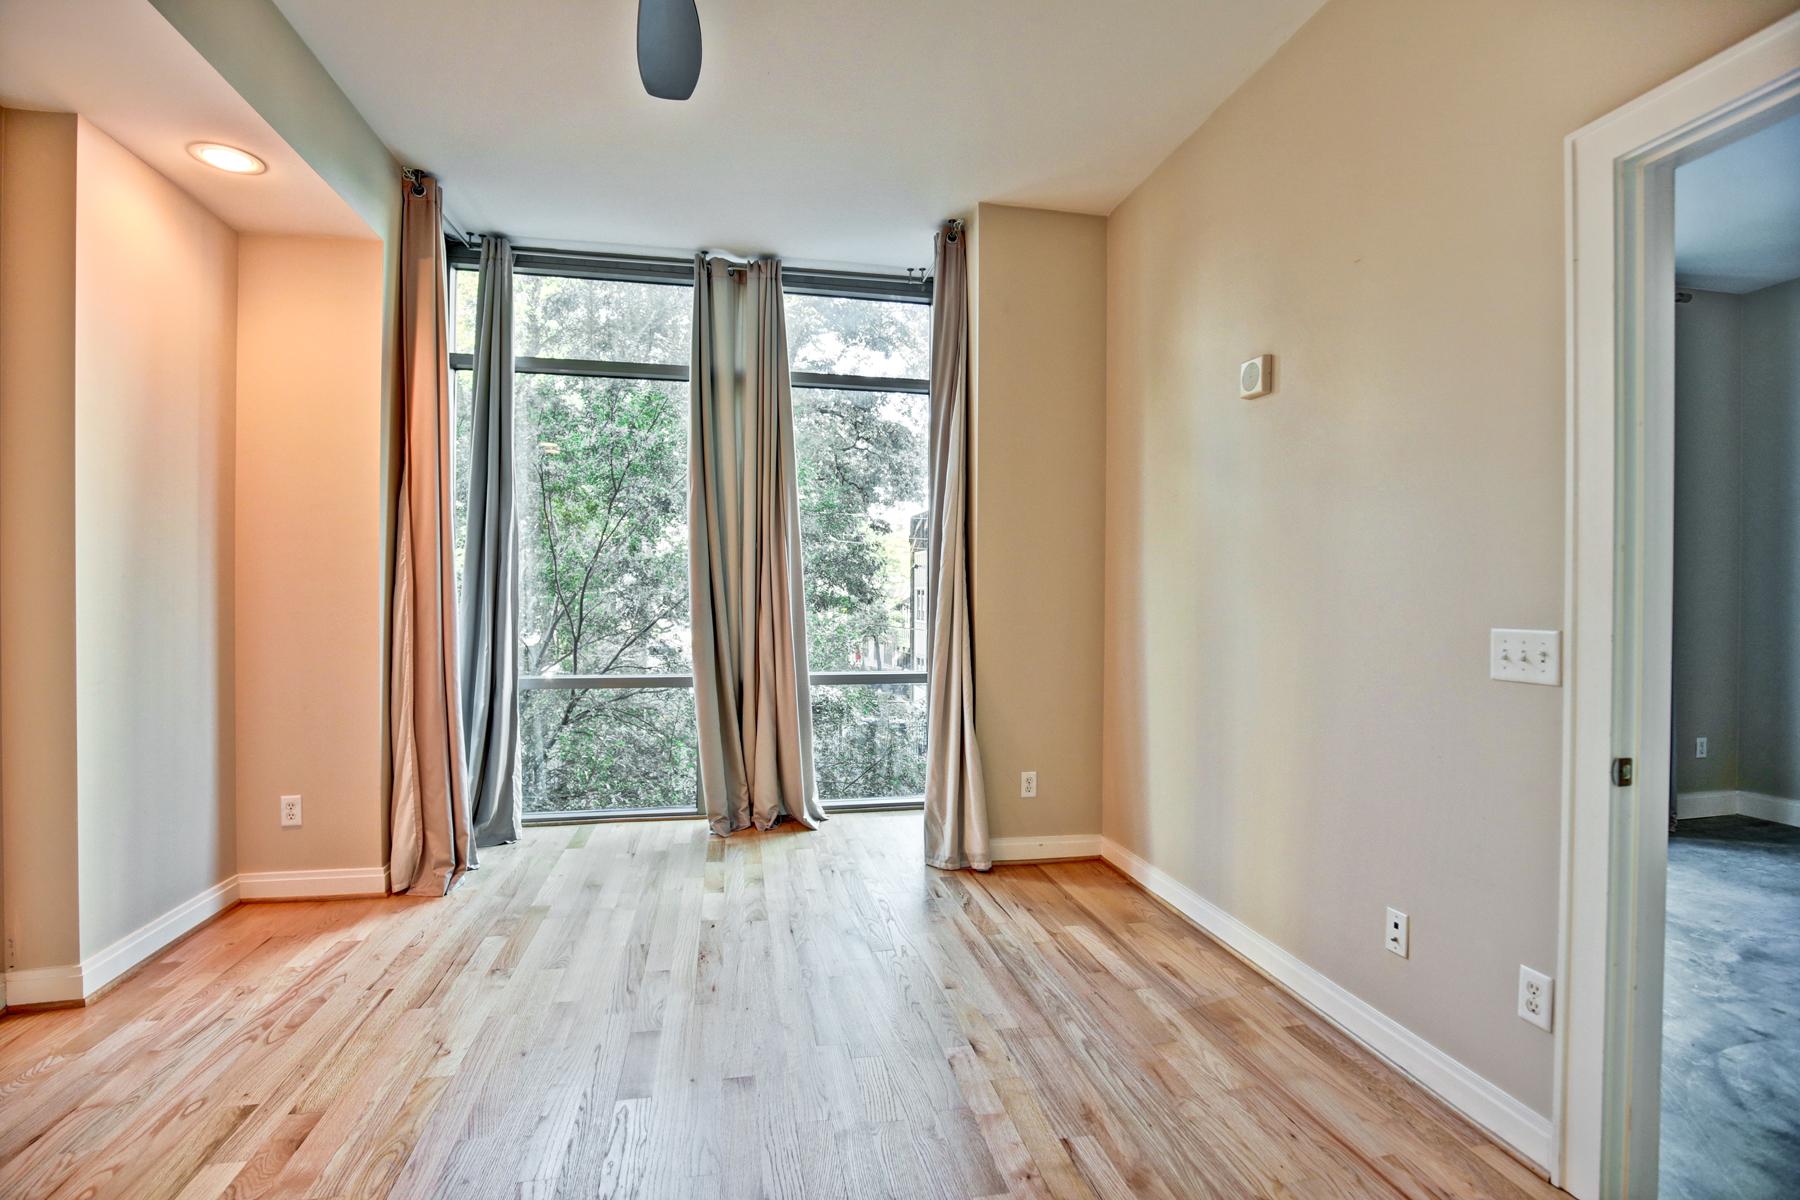 Property Of Amazing One Bedroom in Popular Midtown